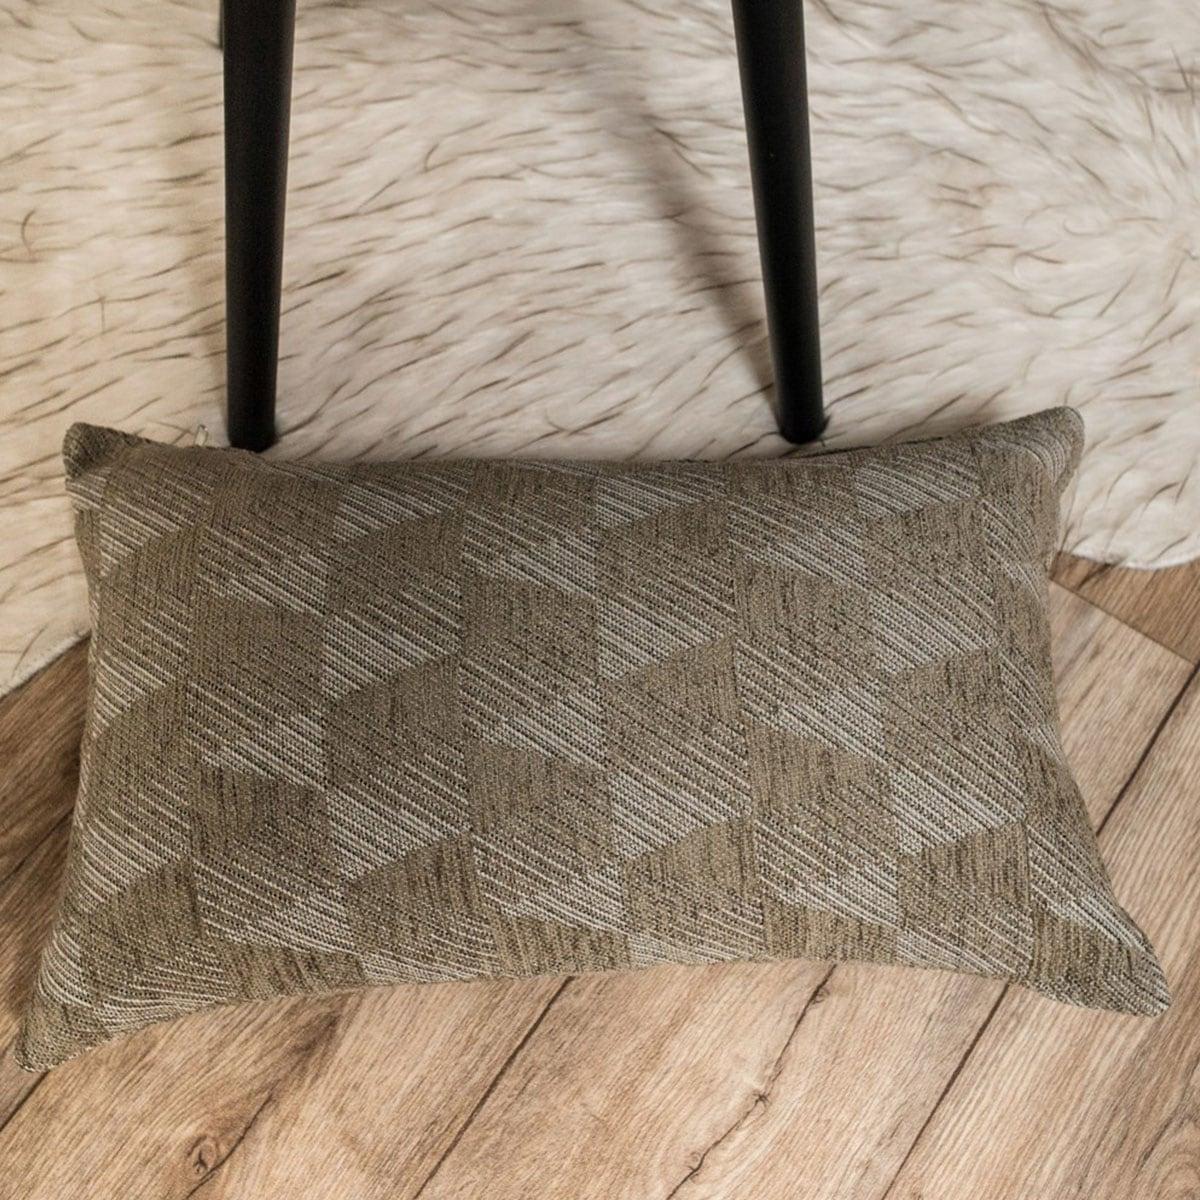 Μαξιλαροθήκη Διακοσμητική Memphis 03 Elephant Teoran 30Χ50 Ακρυλικό-Polyester